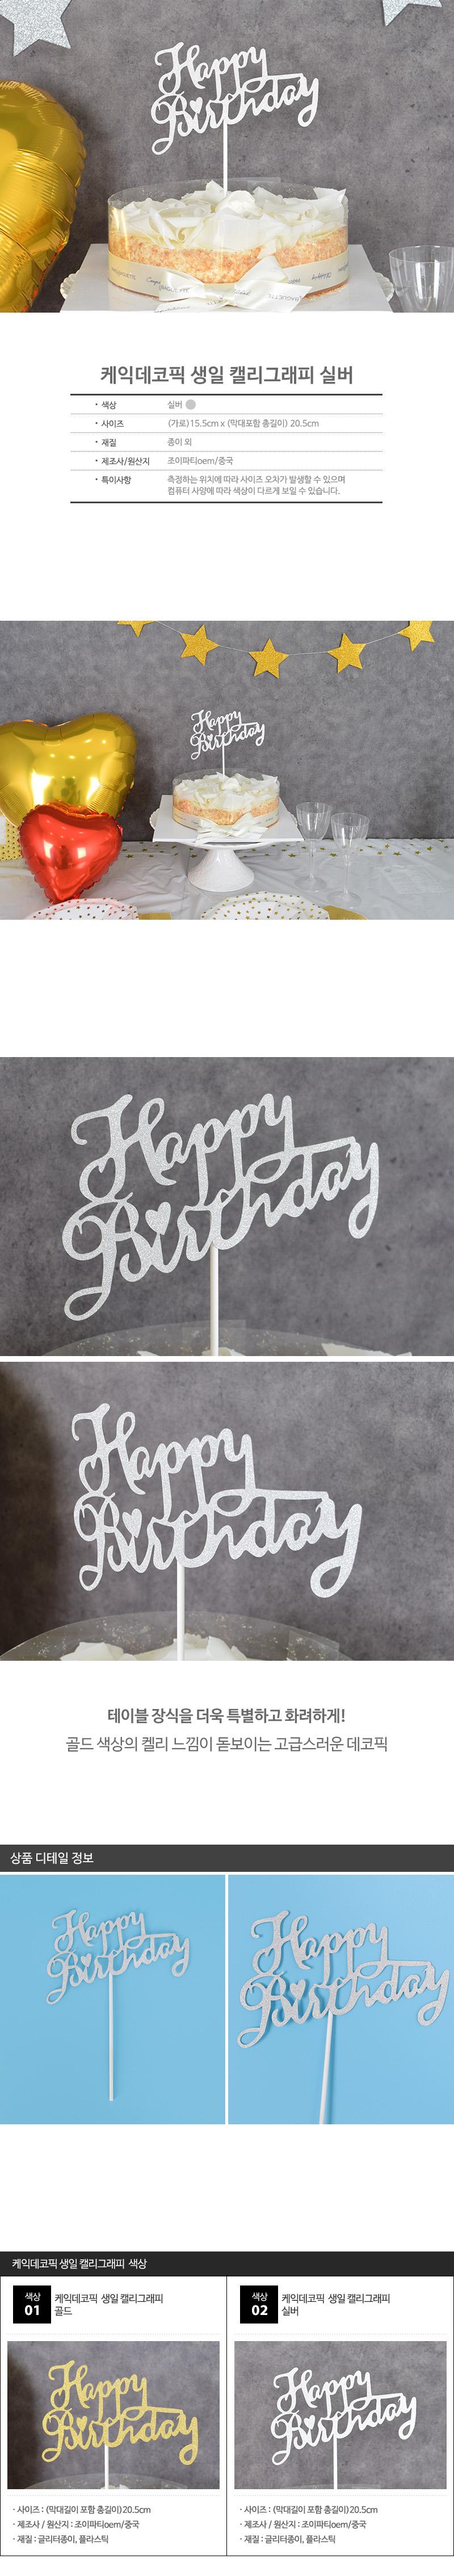 케익데코픽 생일 캘리그래피 실버 - 파티마트, 1,000원, 파티용품, 데코/장식용품